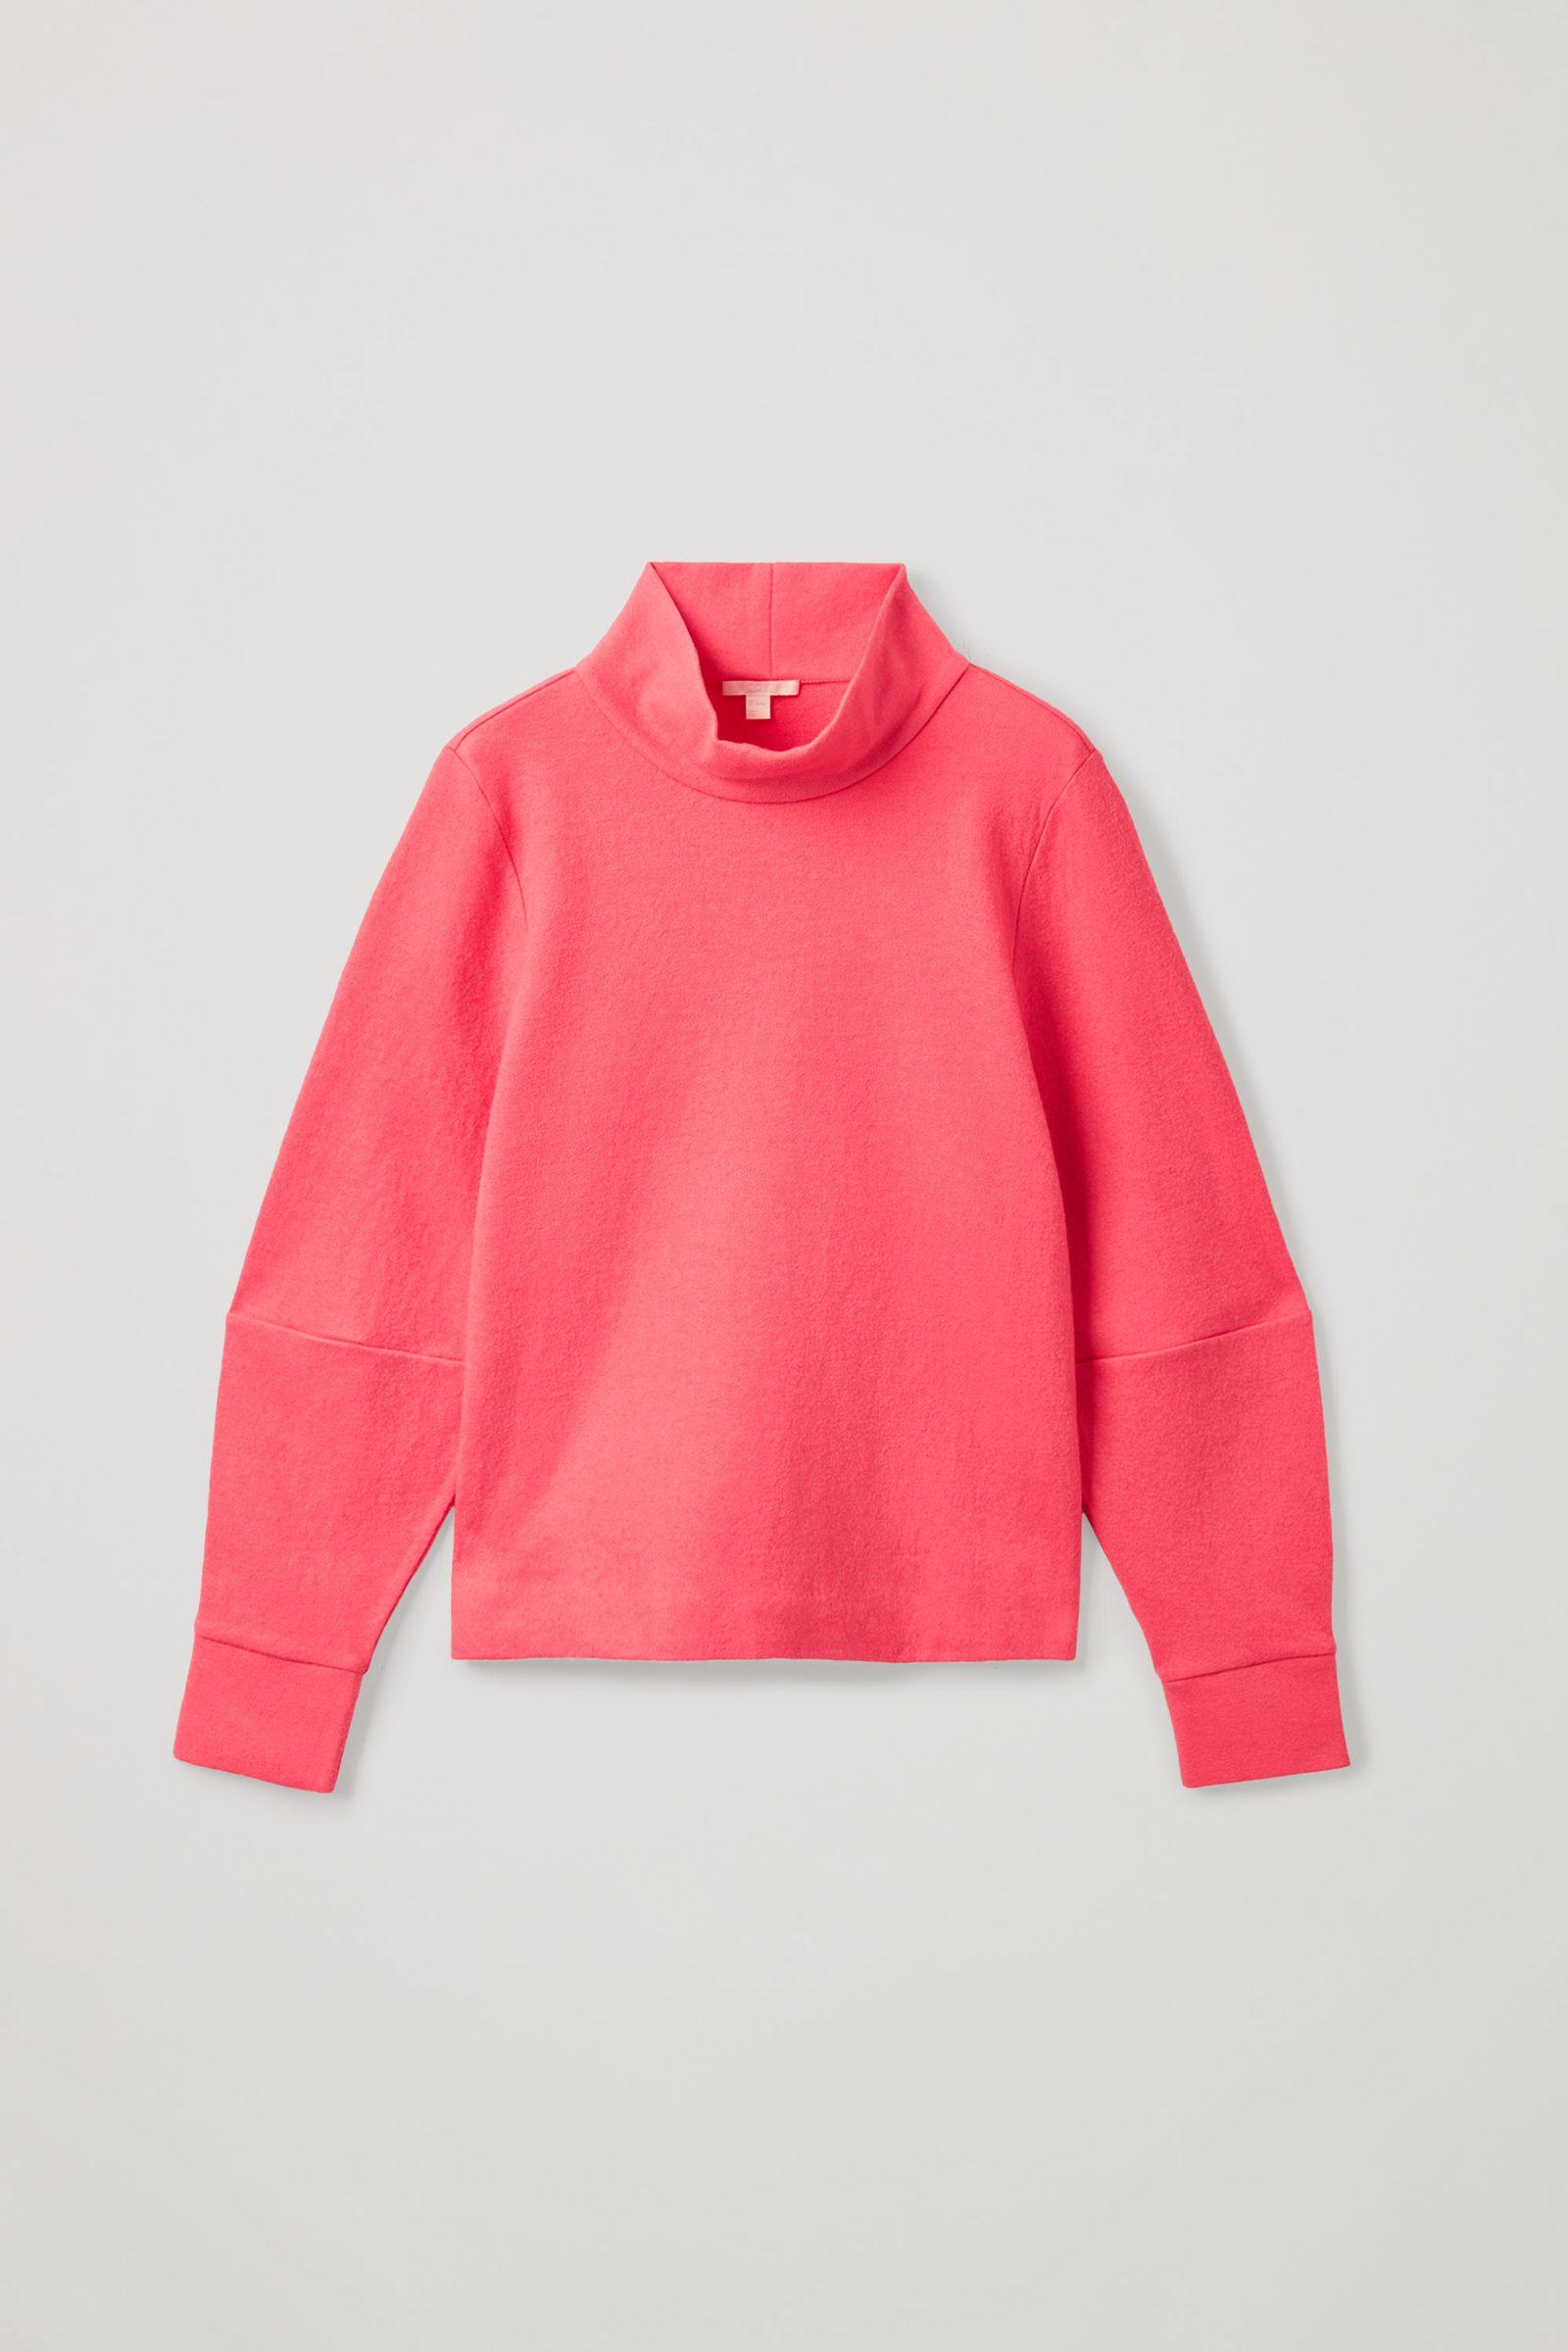 COS 메리노 울 오가닉 코튼 믹스 롤넥 스트럭처드 스웨터의 핑크컬러 Product입니다.